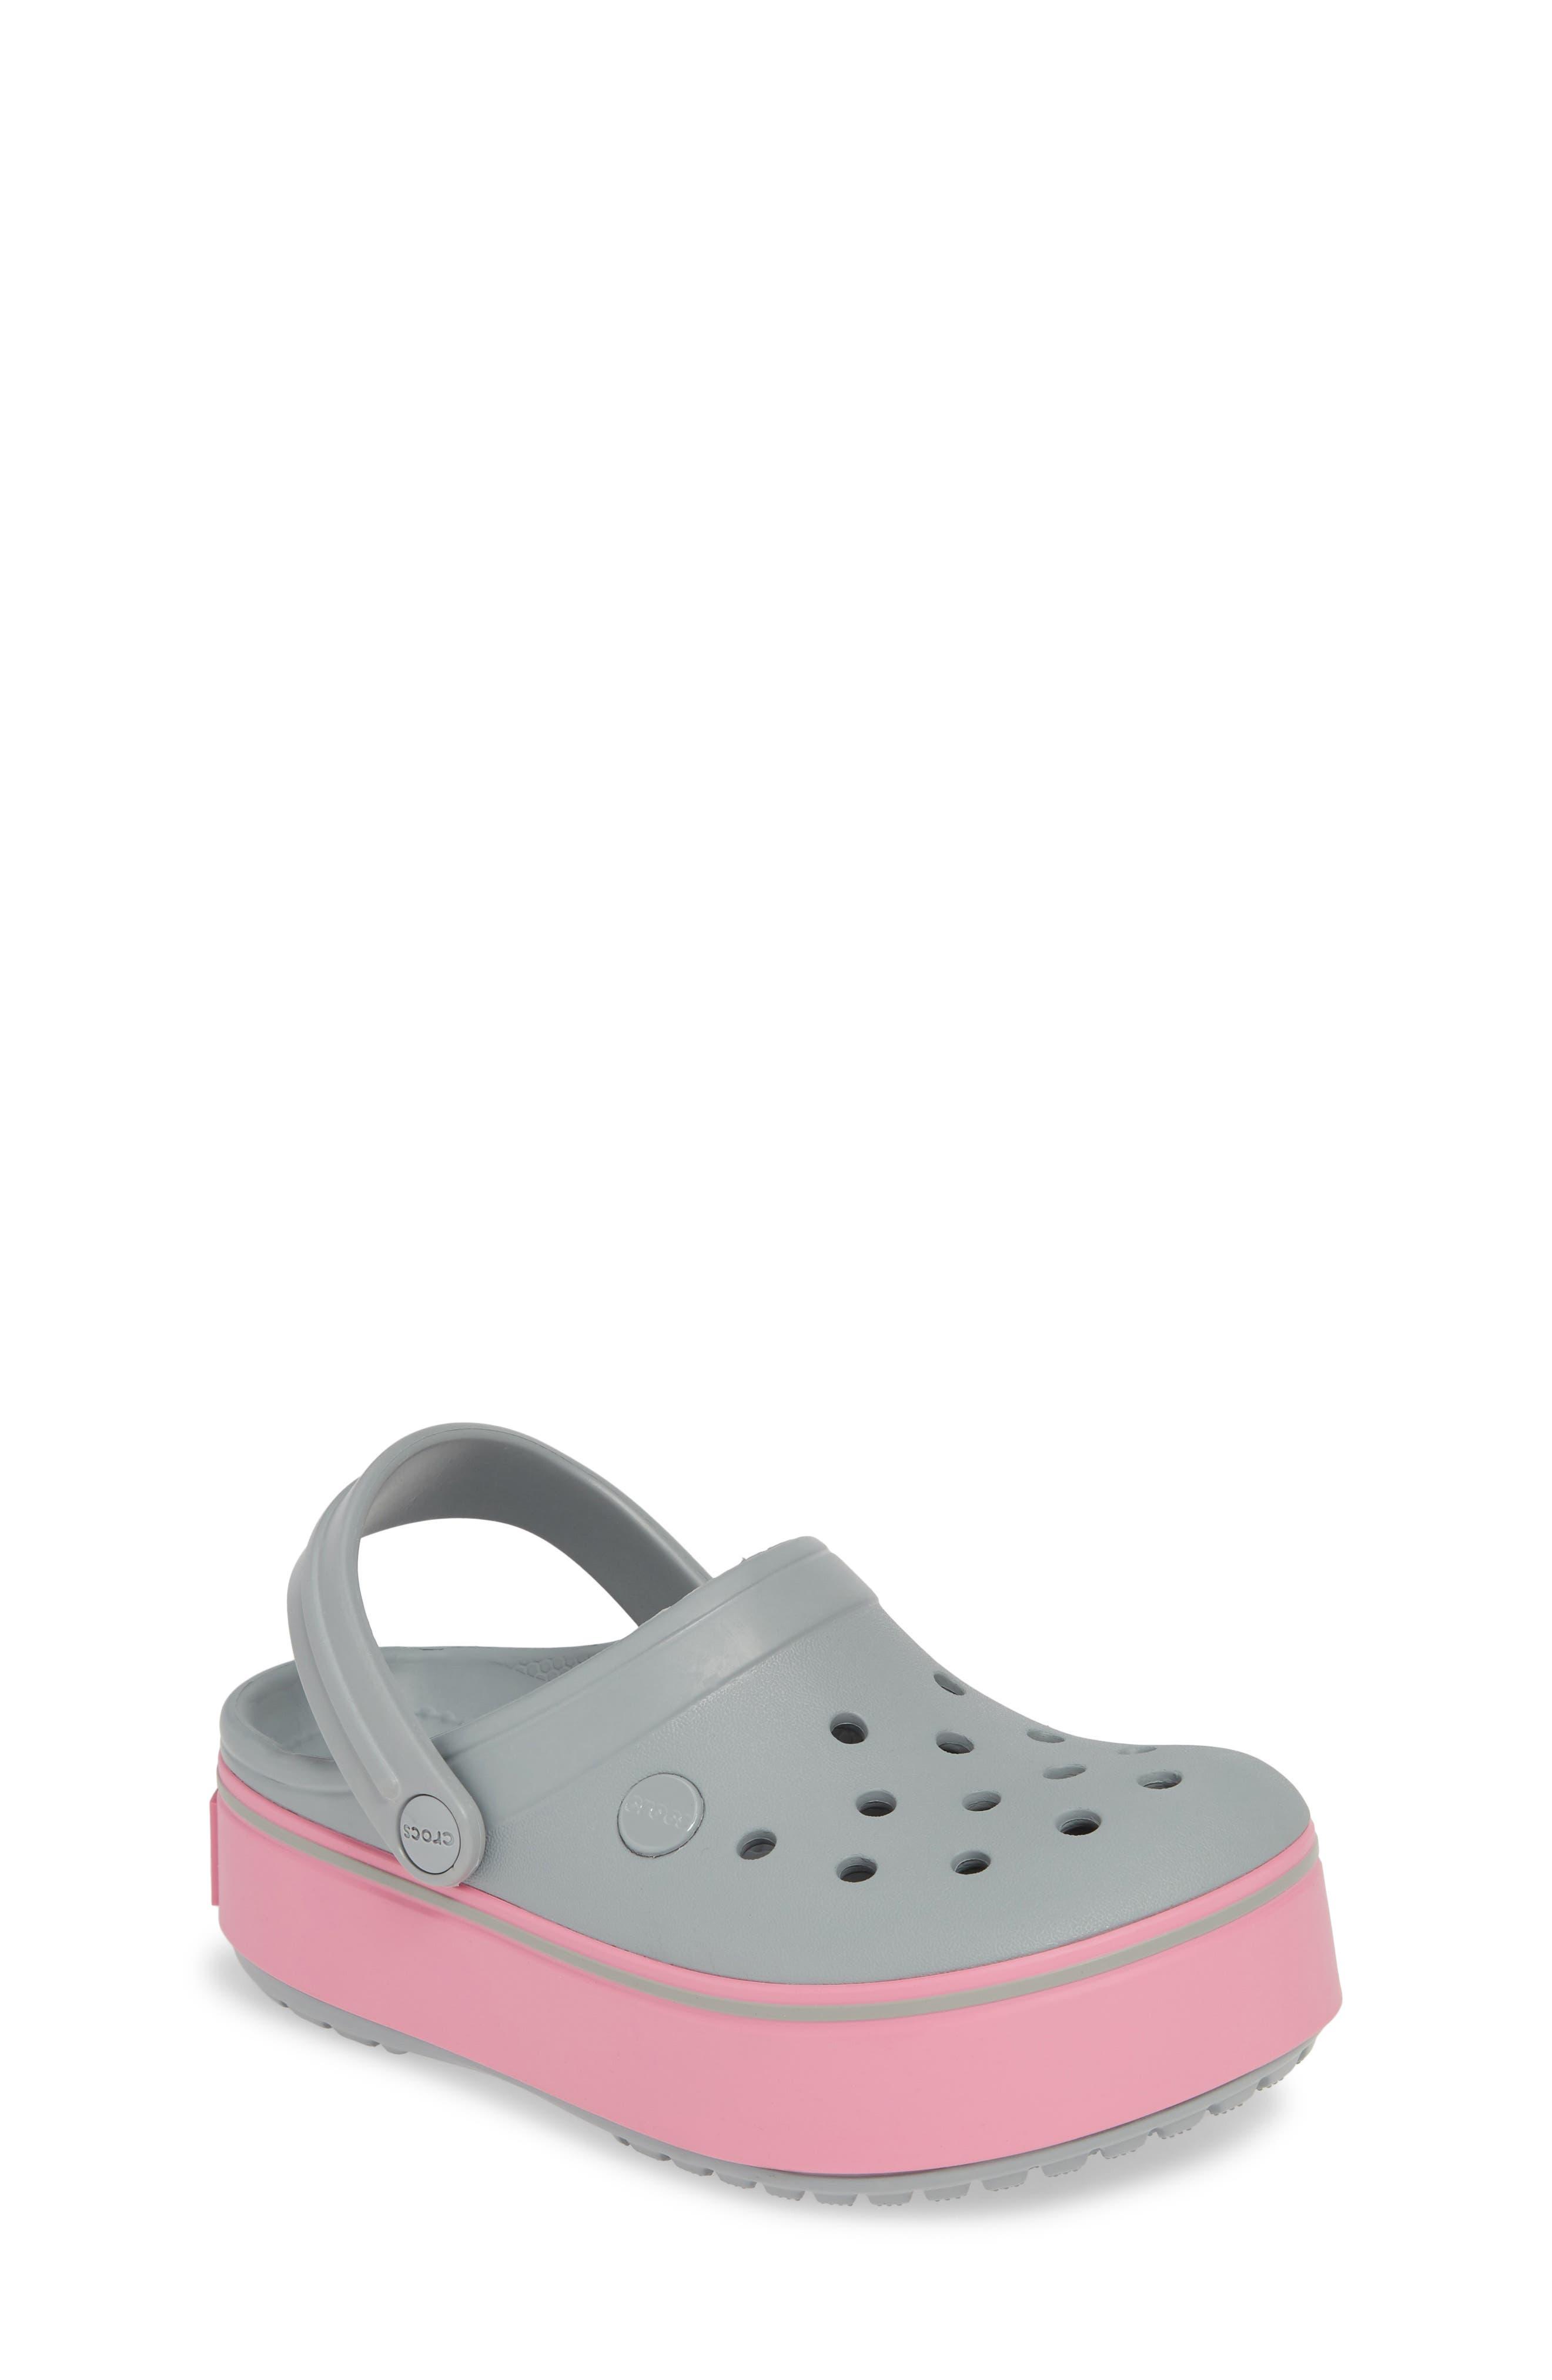 Girls Crocs(TM) Crocband Platform Clog Size 2 M  Grey